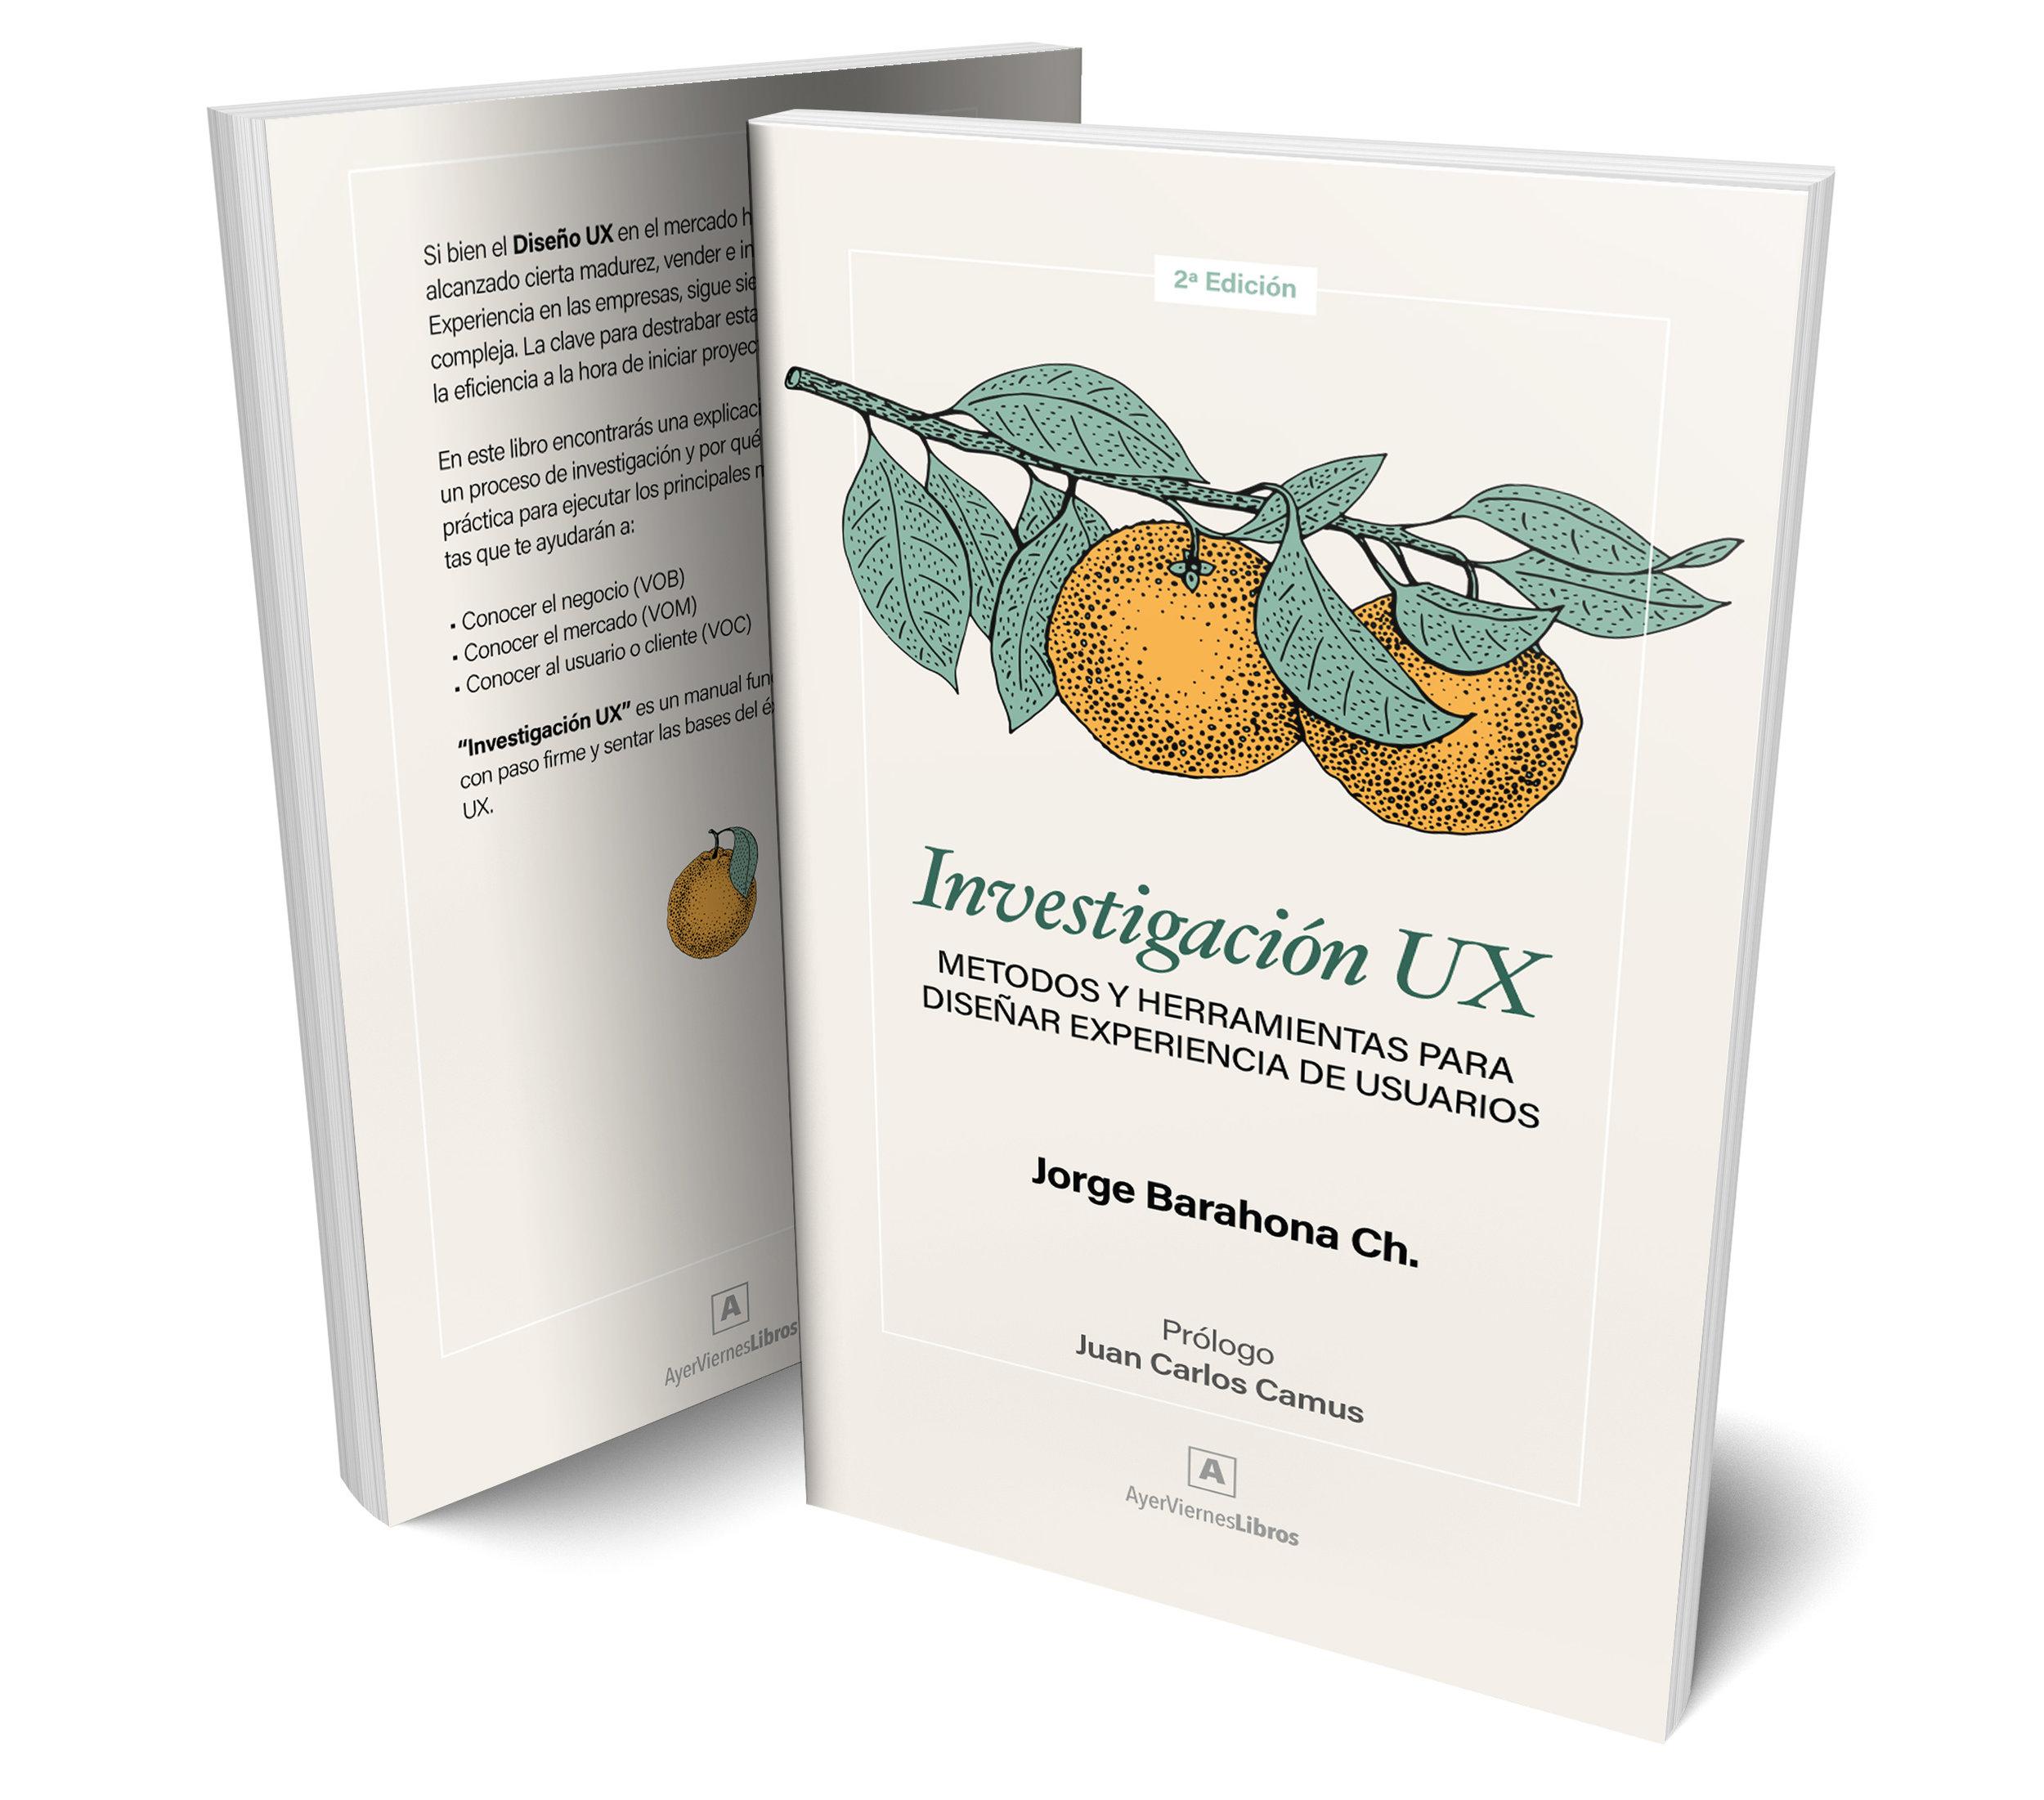 2019 03 - Investigación UX - Papel.jpg